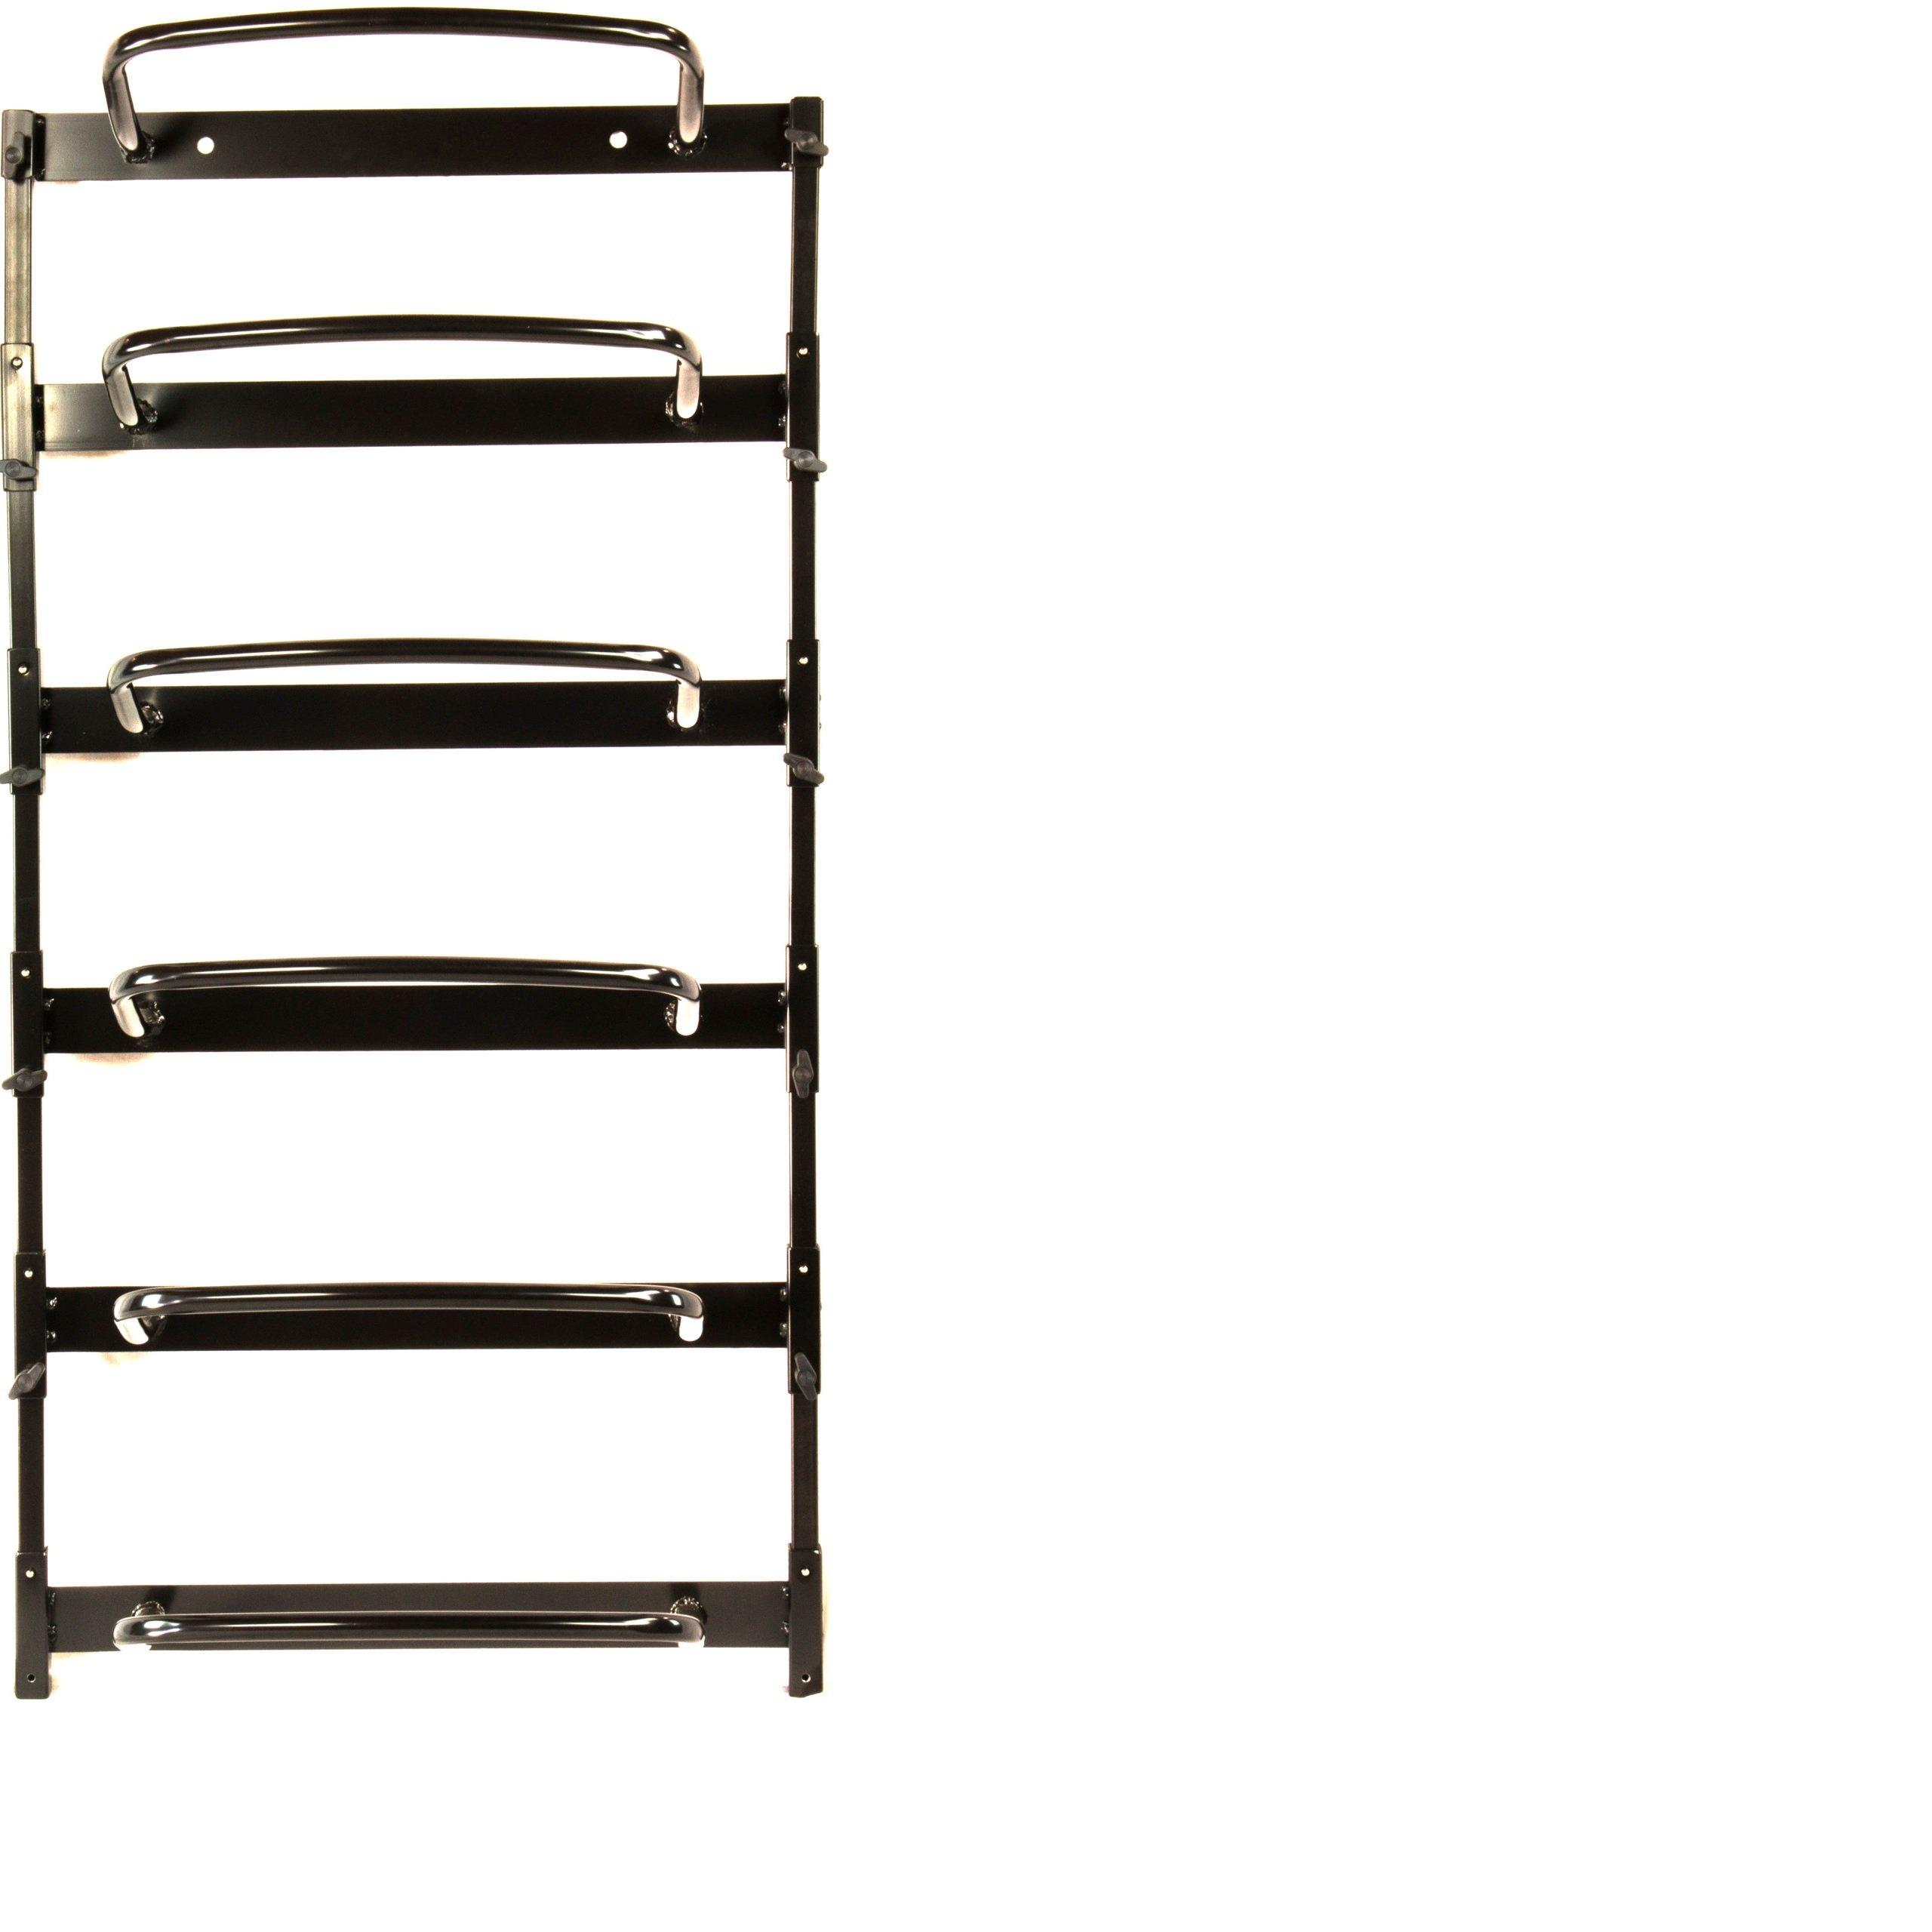 Foam Roller Rack in Black (6 pcs - Foam Roller Rack) by Aeromat